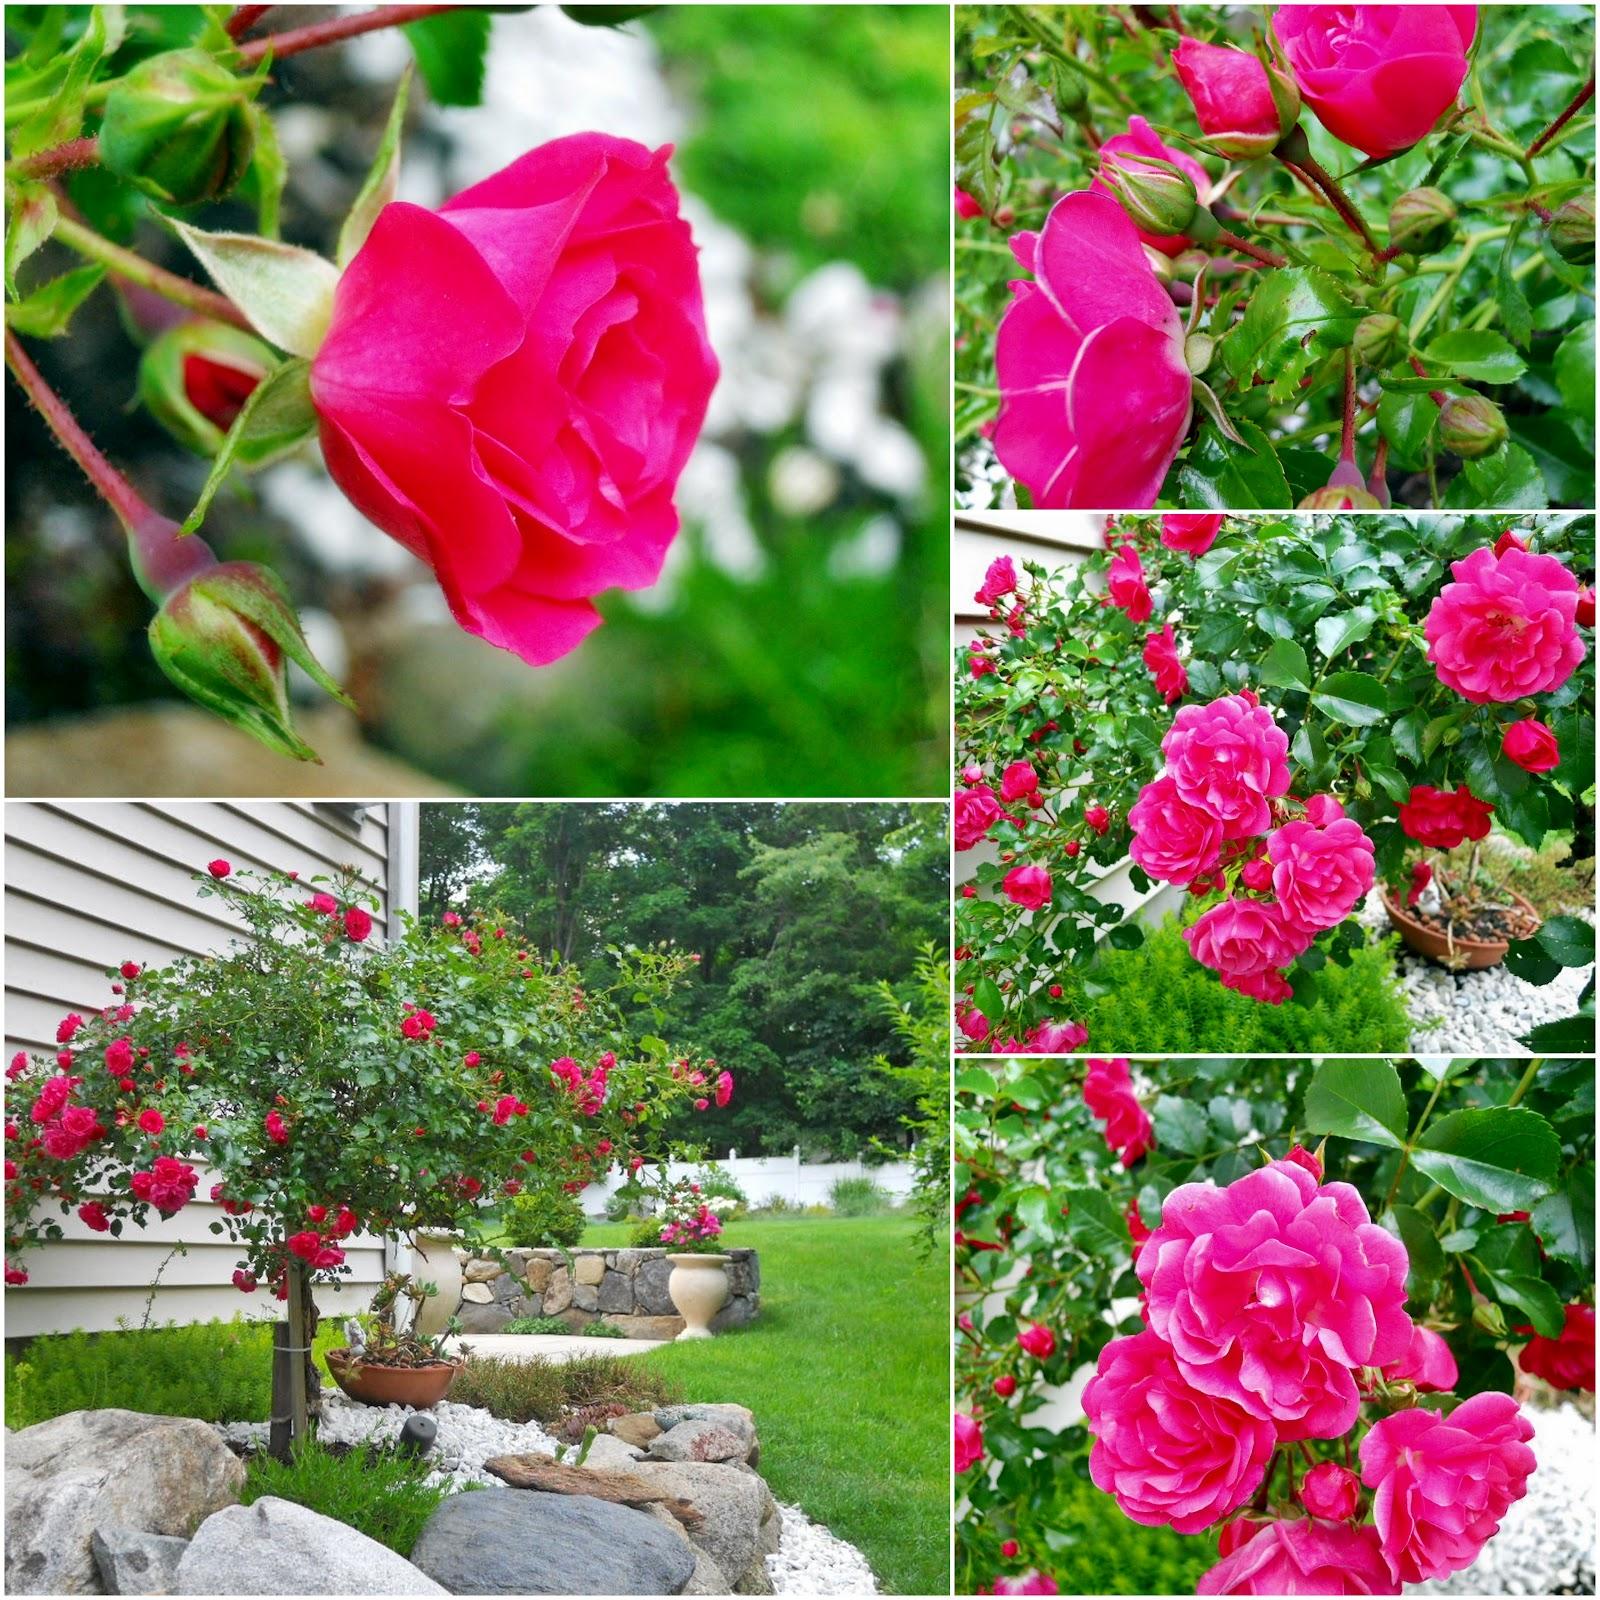 flores do jardim letra : flores no meu jardim letra ? Doitri.com